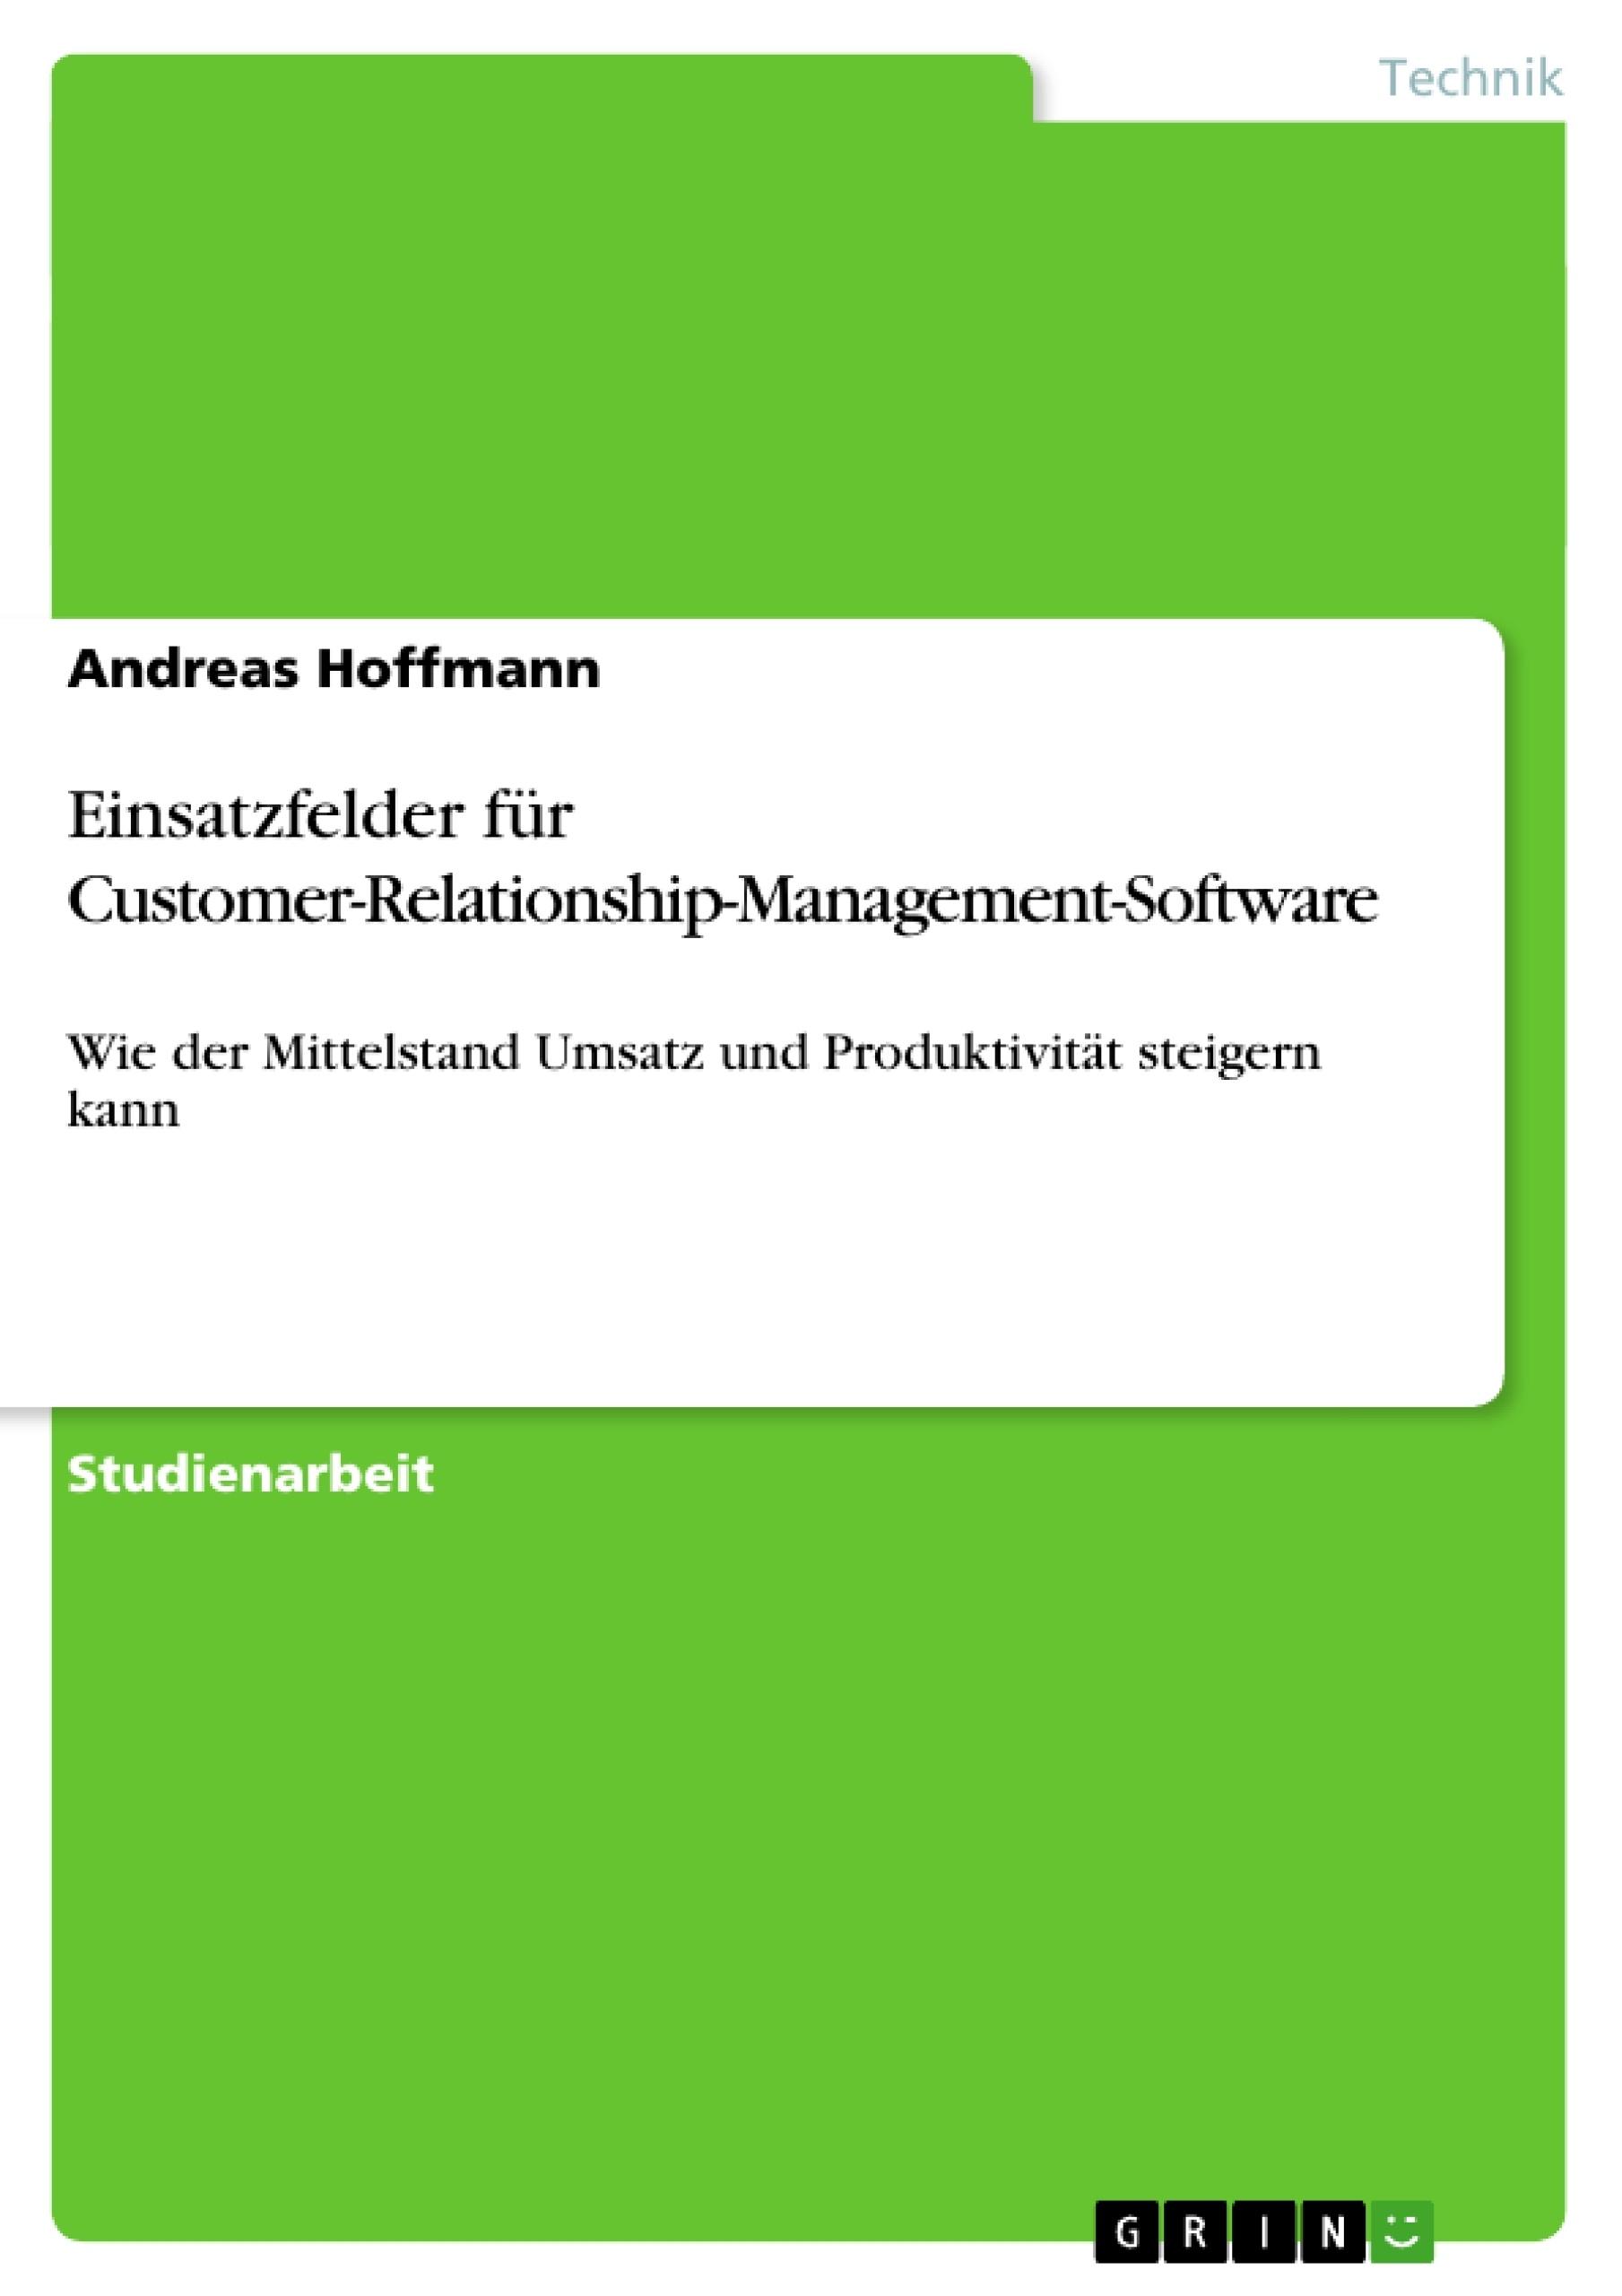 Titel: Einsatzfelder für Customer-Relationship-Management-Software